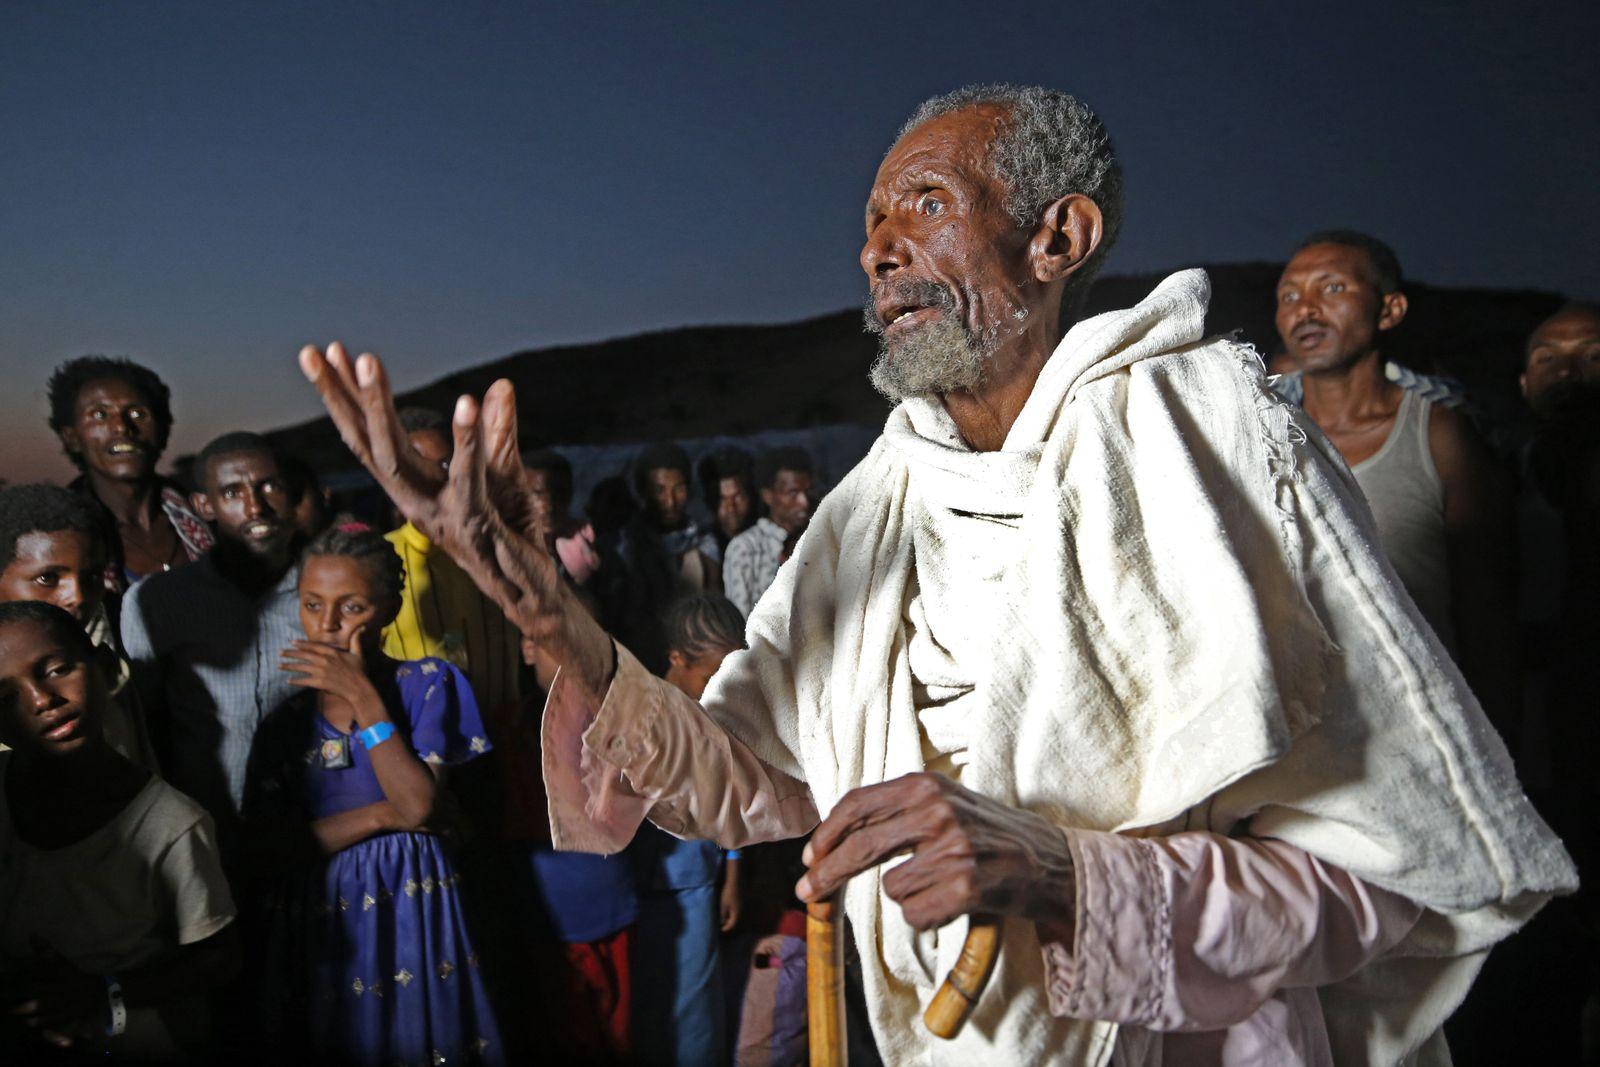 SUDAN-ETHIOPIA-CONFLICT-REFUGEES